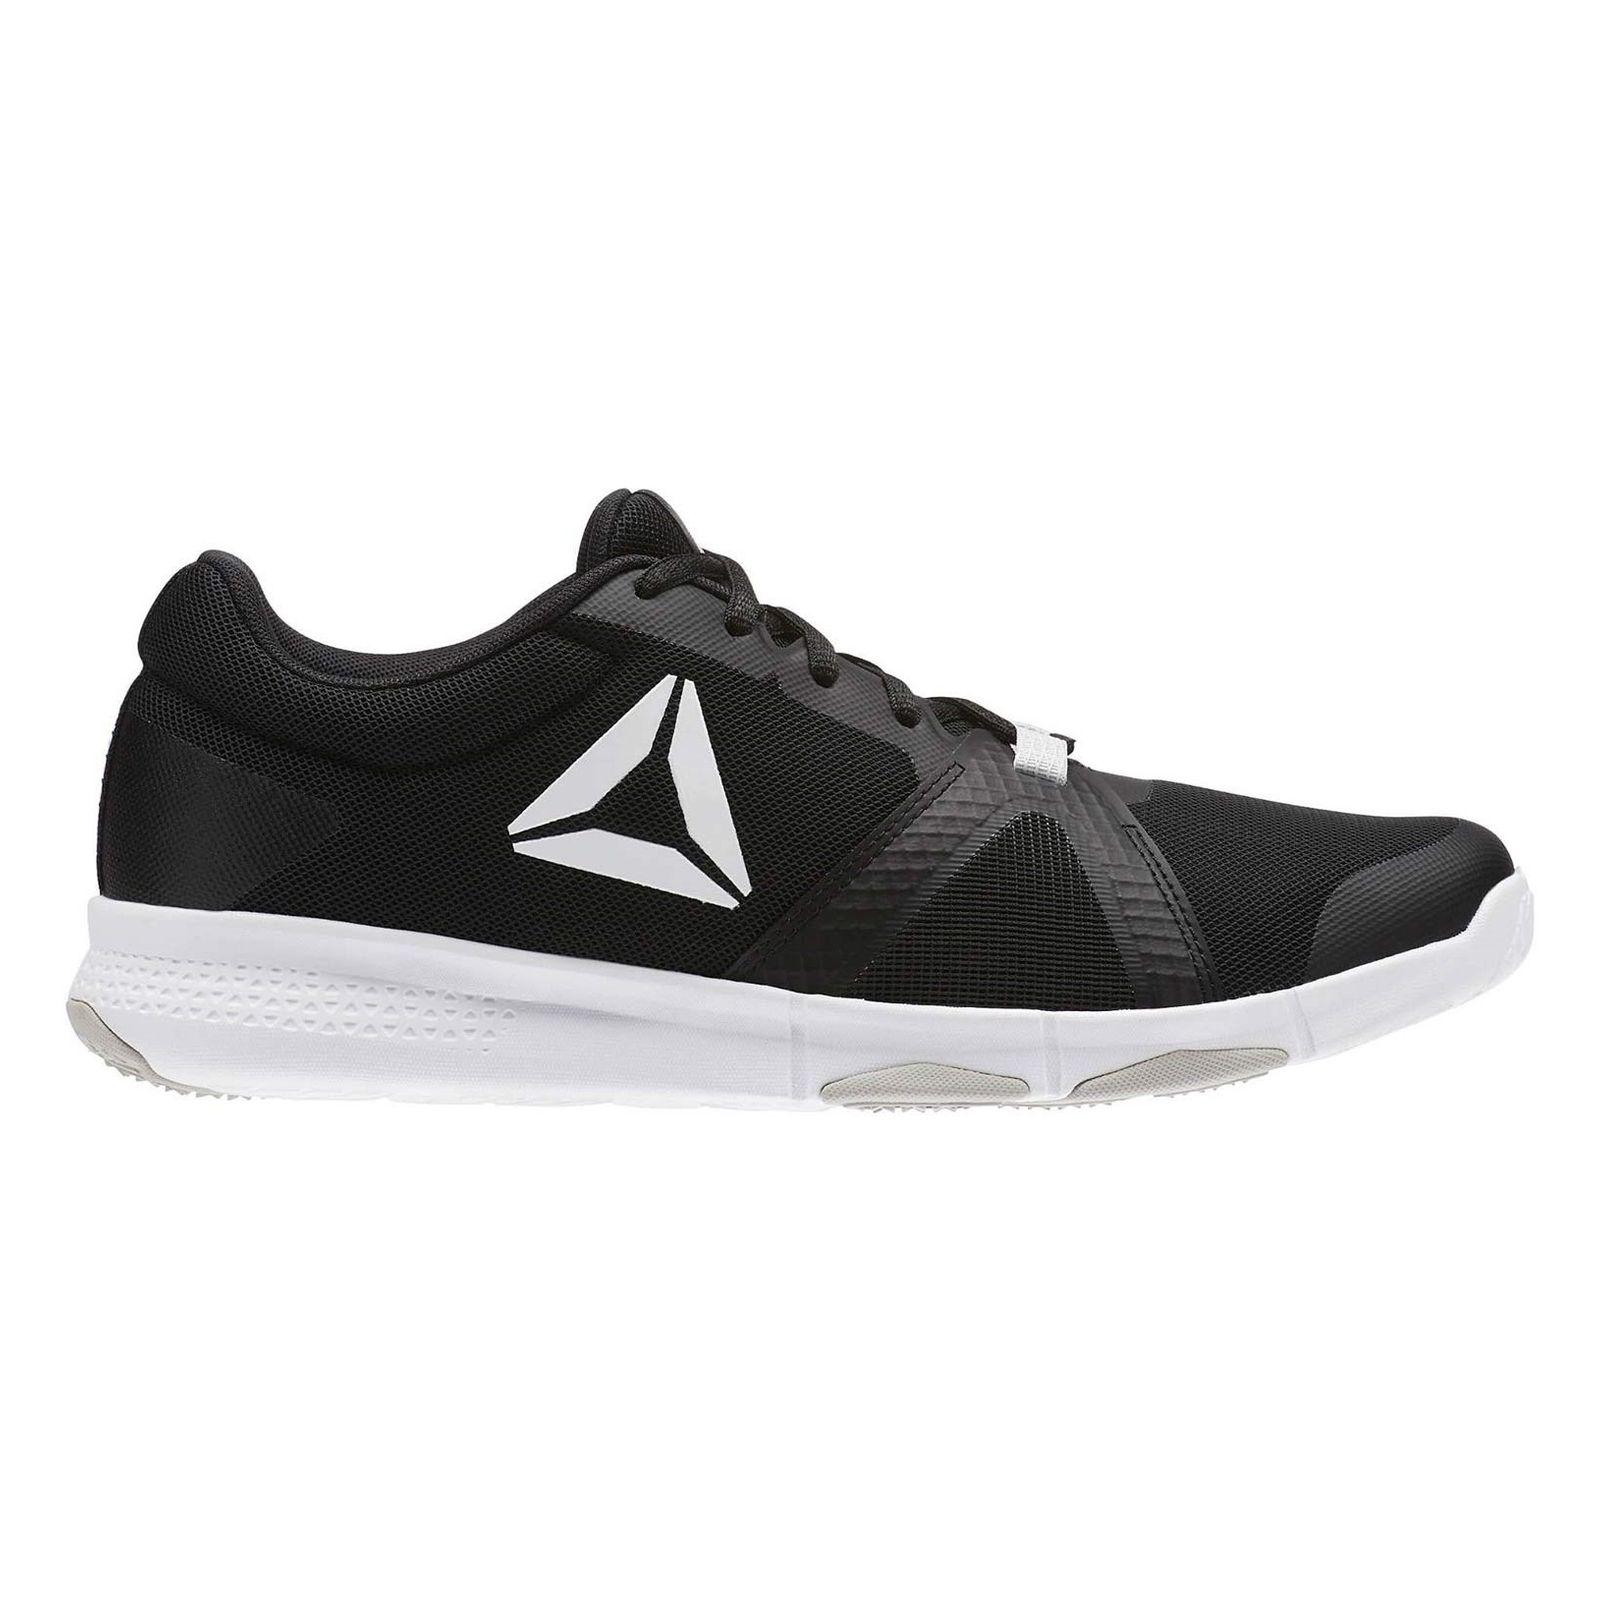 کفش تمرین بندی مردانه Flexile - ریباک - مشکي - 1